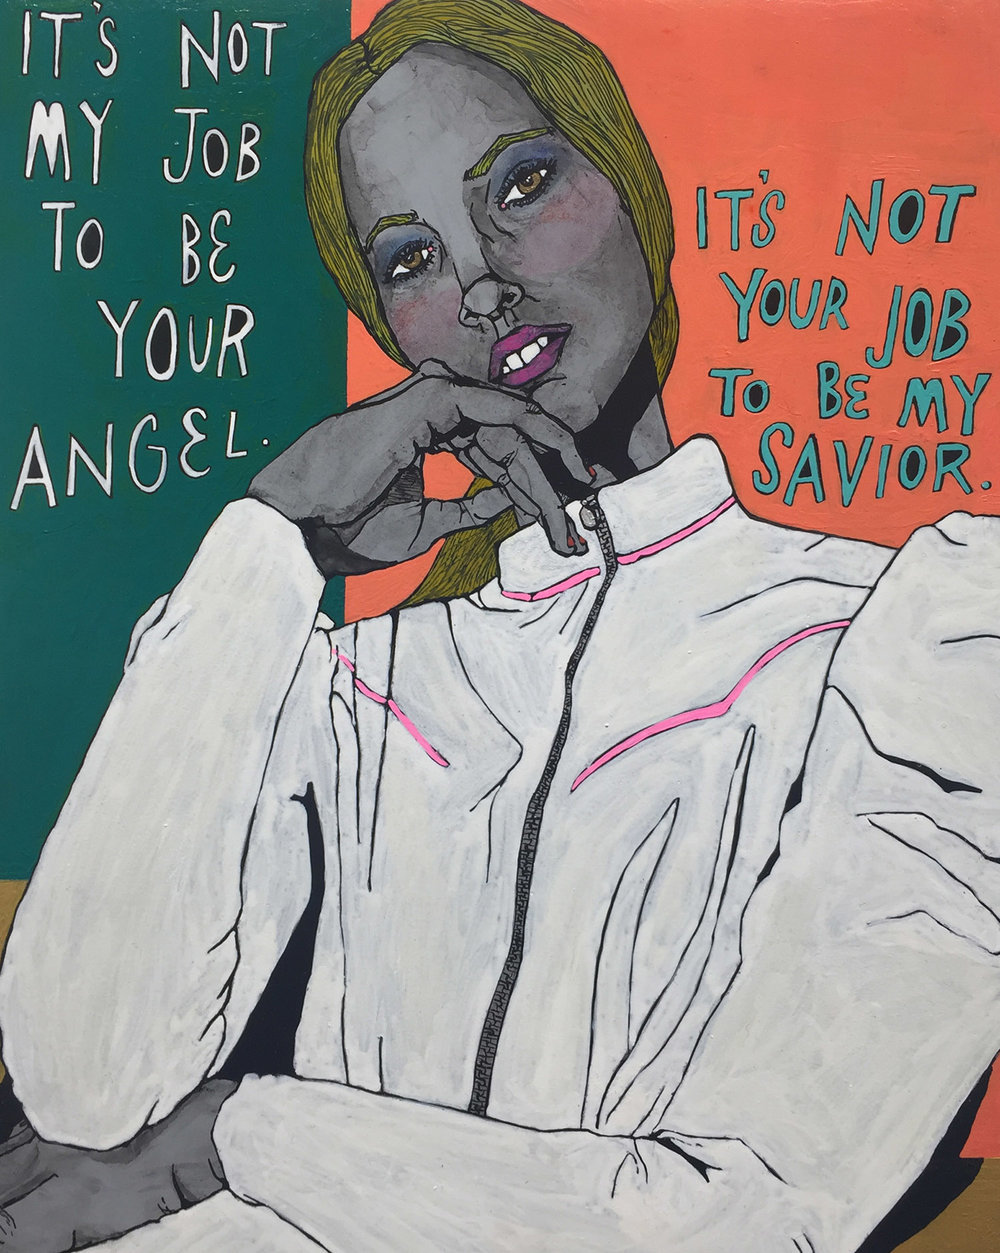 It's not my job to be your angel. It's not your job to be my savior..jpg